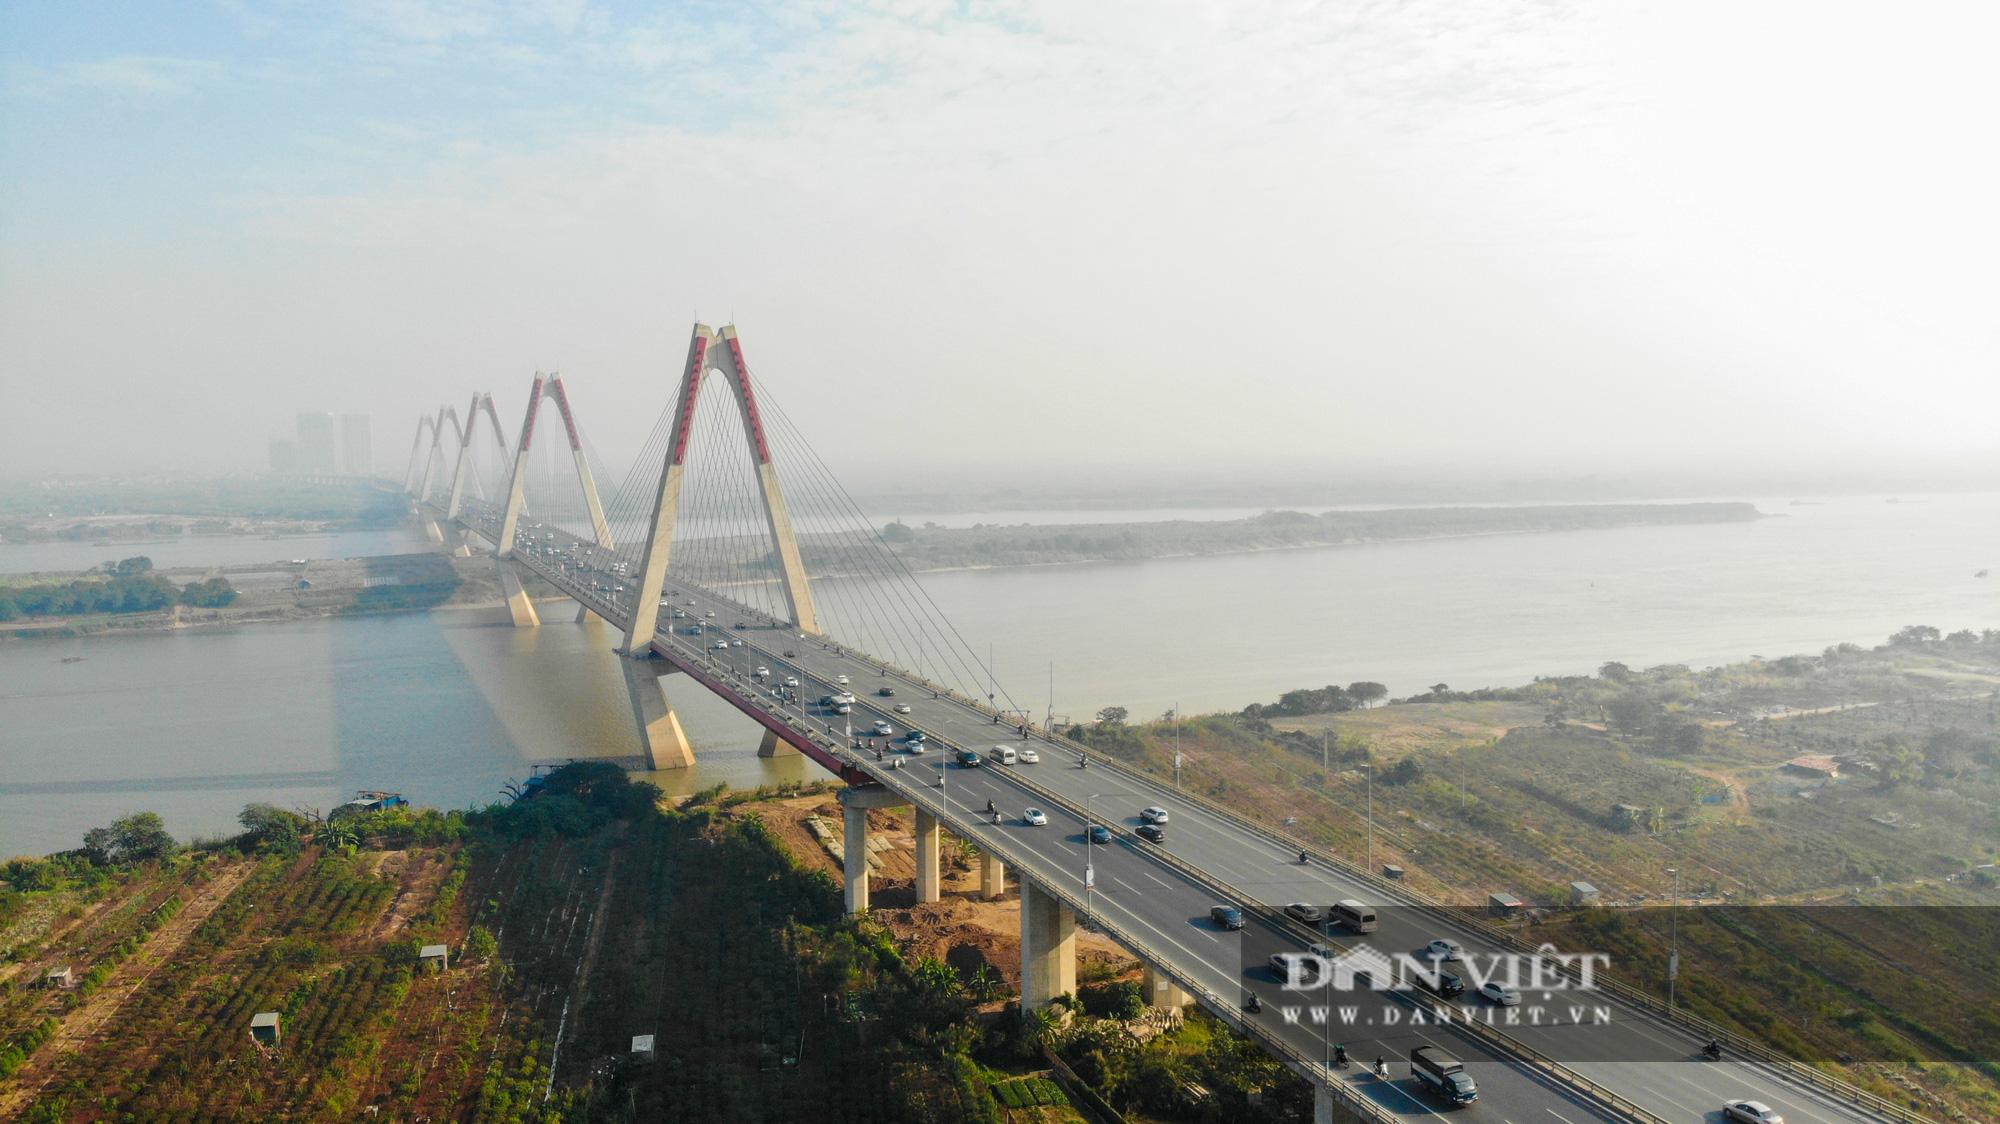 Những hoạt động trong khu vực quy hoạch ven sông Hồng có gì? - Ảnh 1.